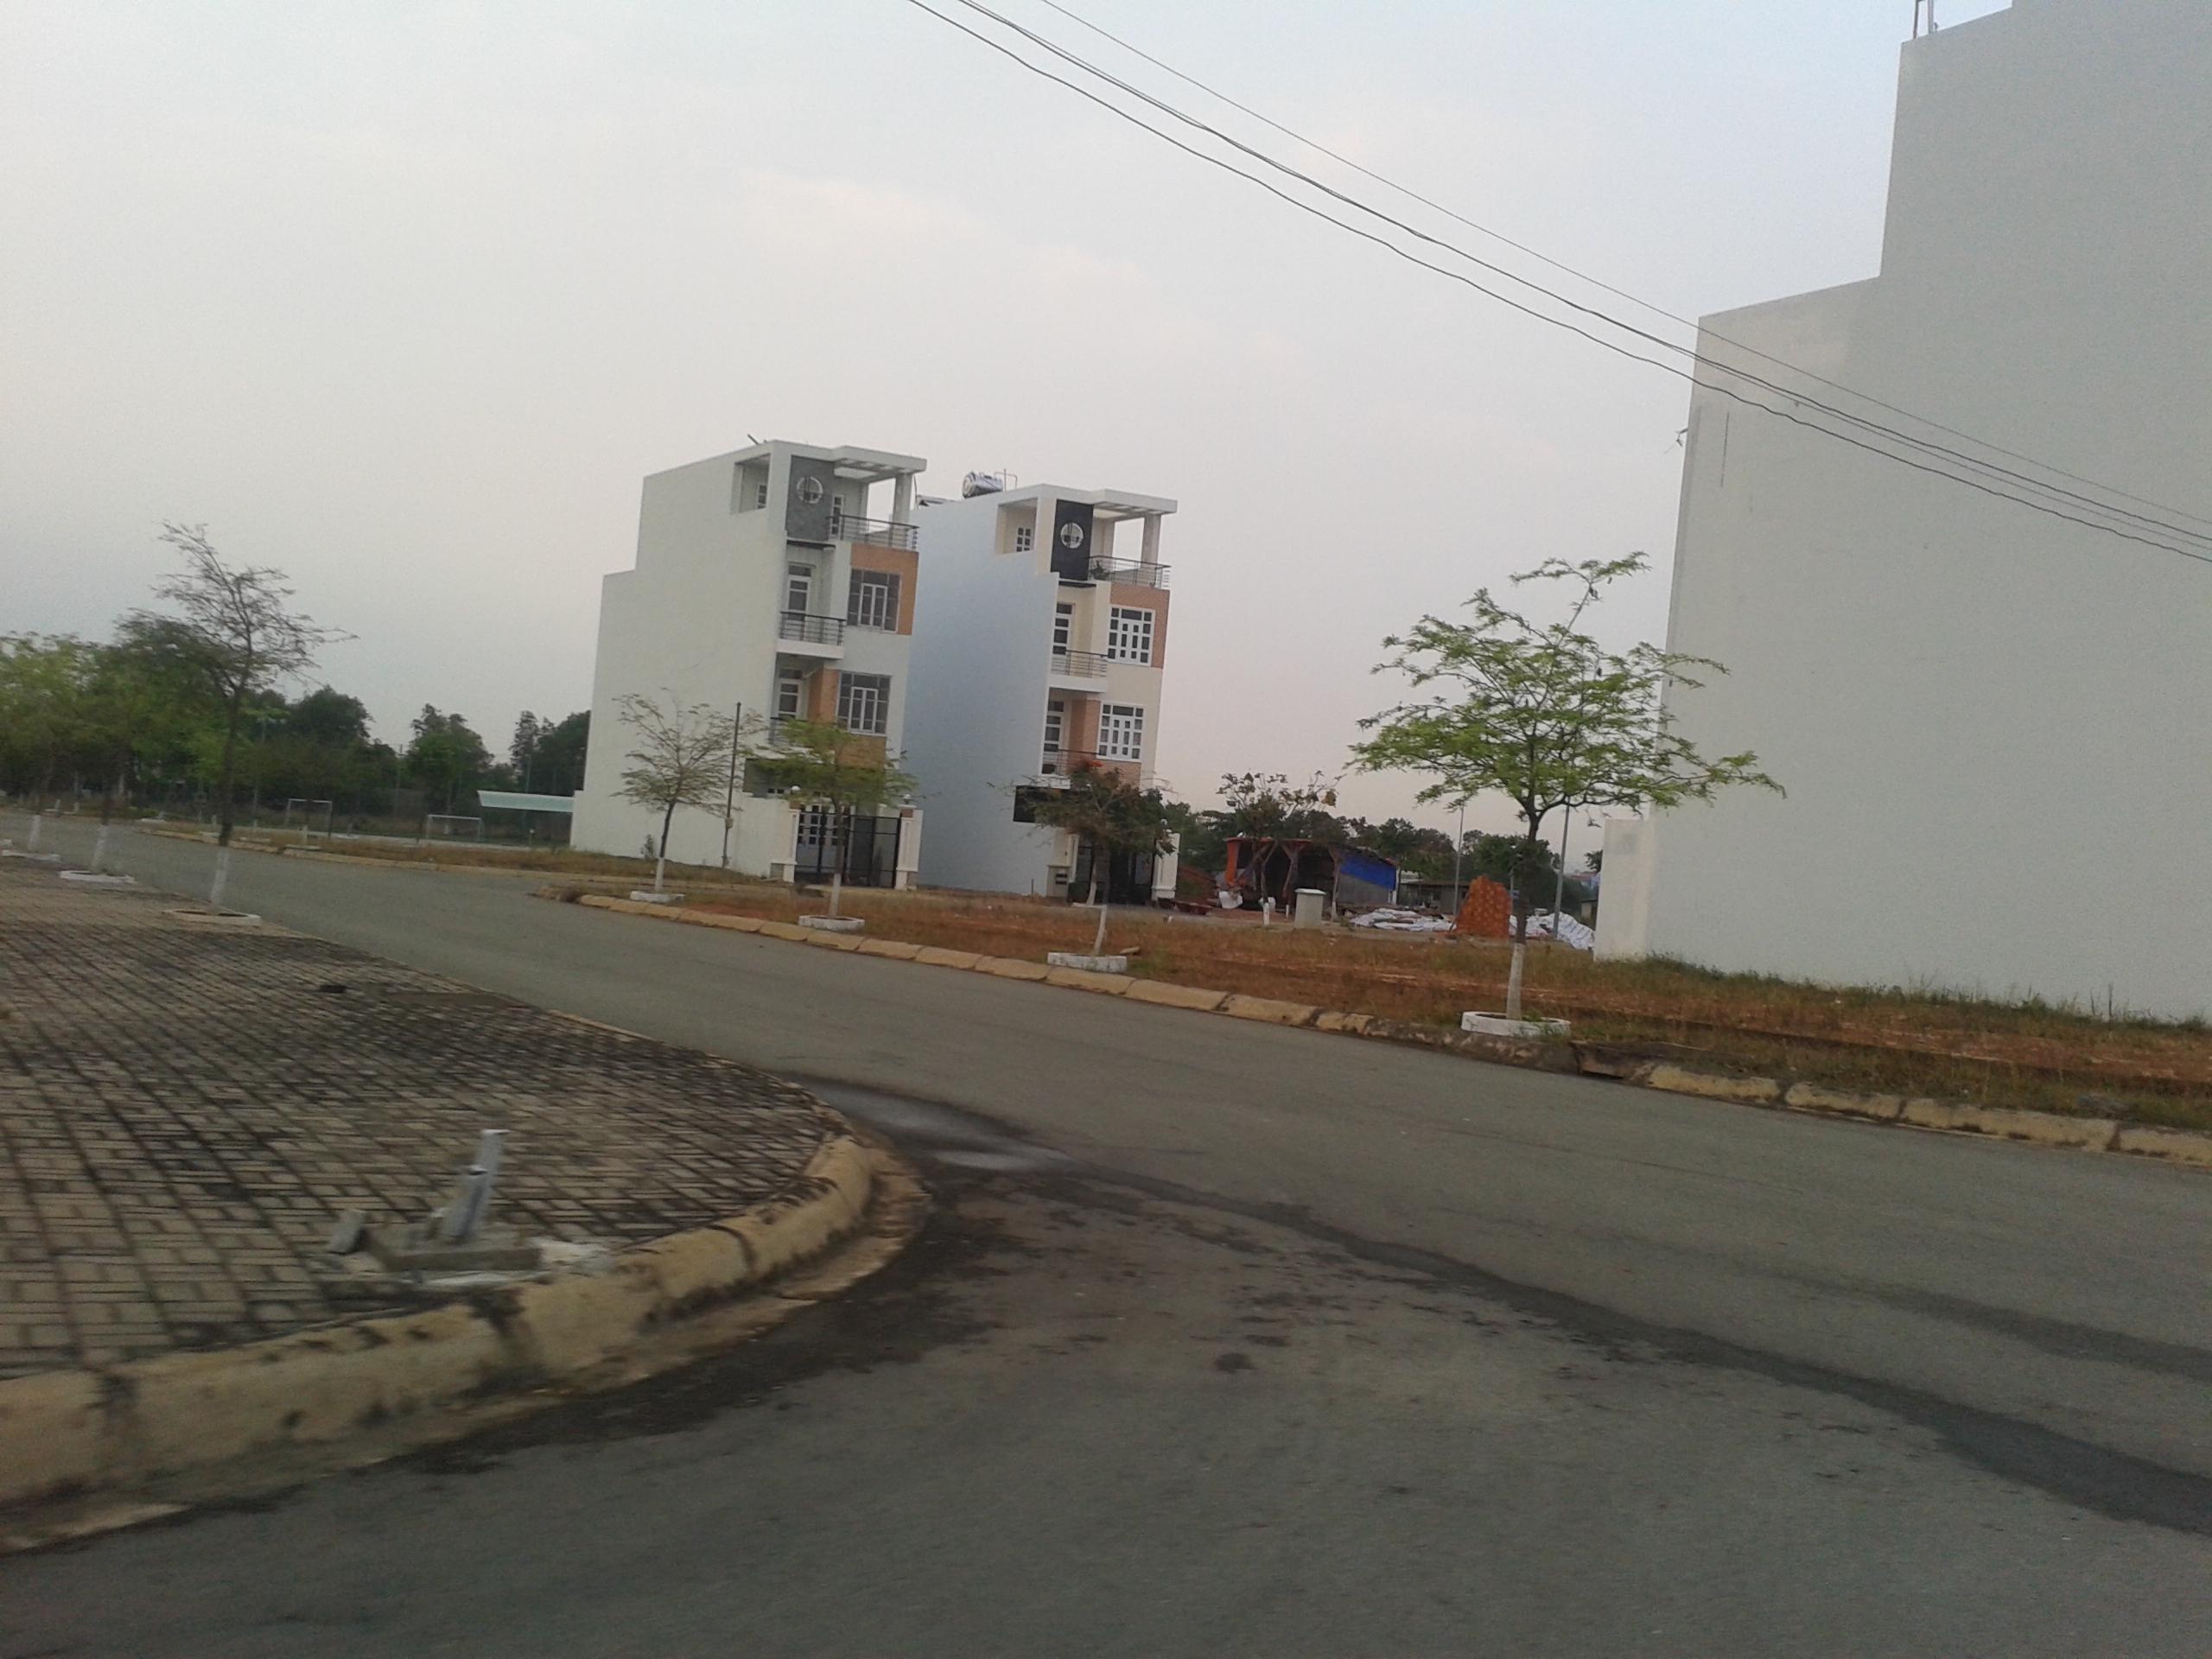 Đất làng Đại học Quốc Gia Thủ Đức 6,9triệu/m2